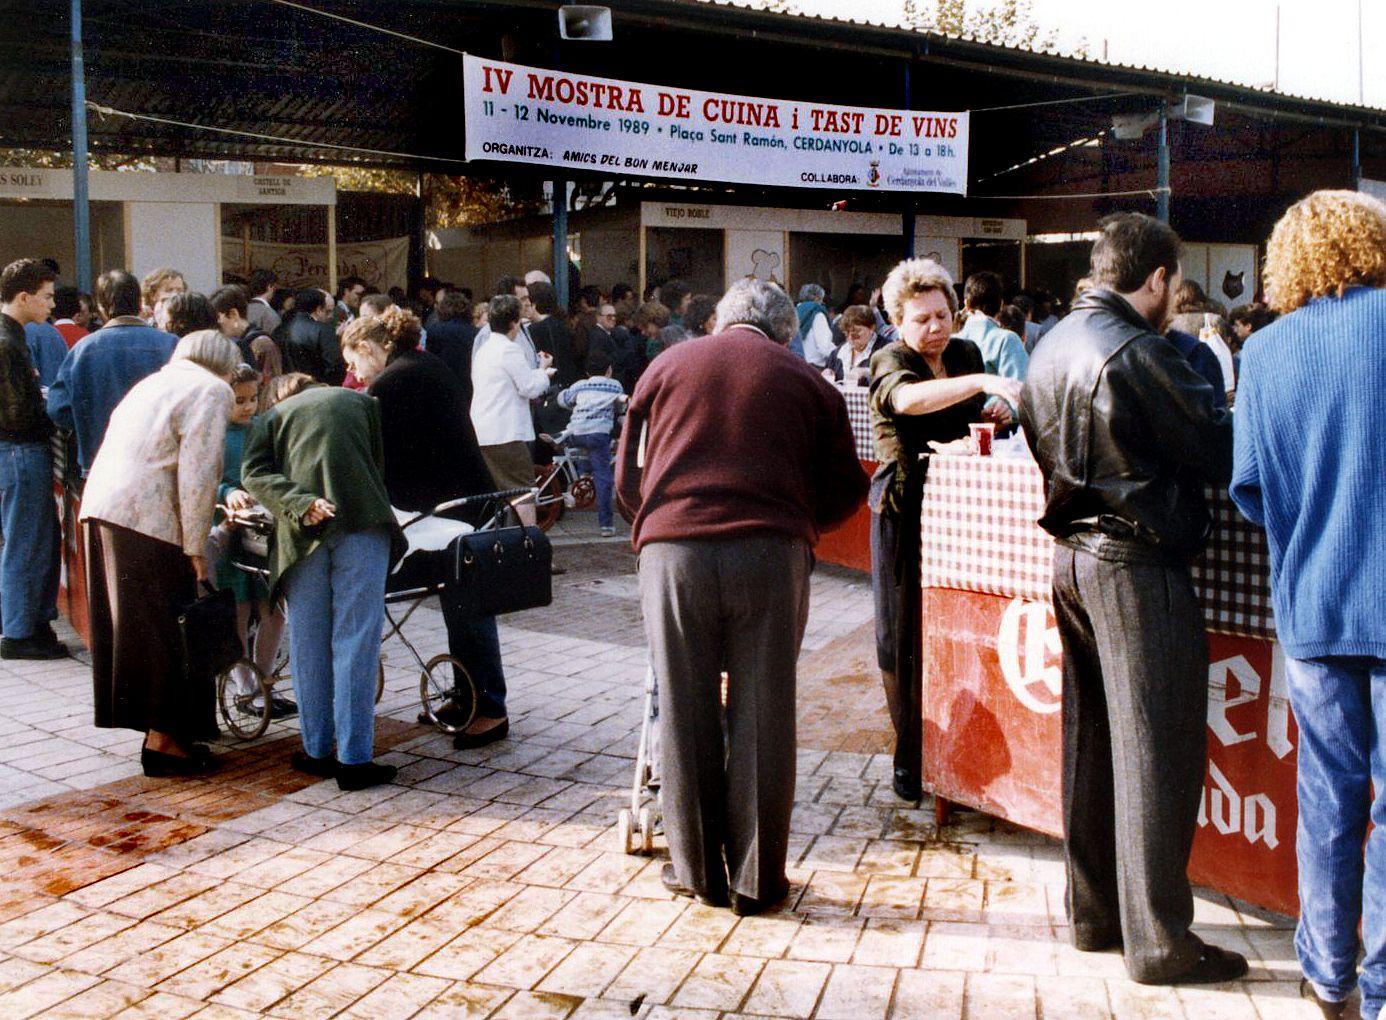 Quarta Mostra de Cuina i Tast de Vins durant la festa de Sant Martí l'any 1989. Autor: Pepe Urbano